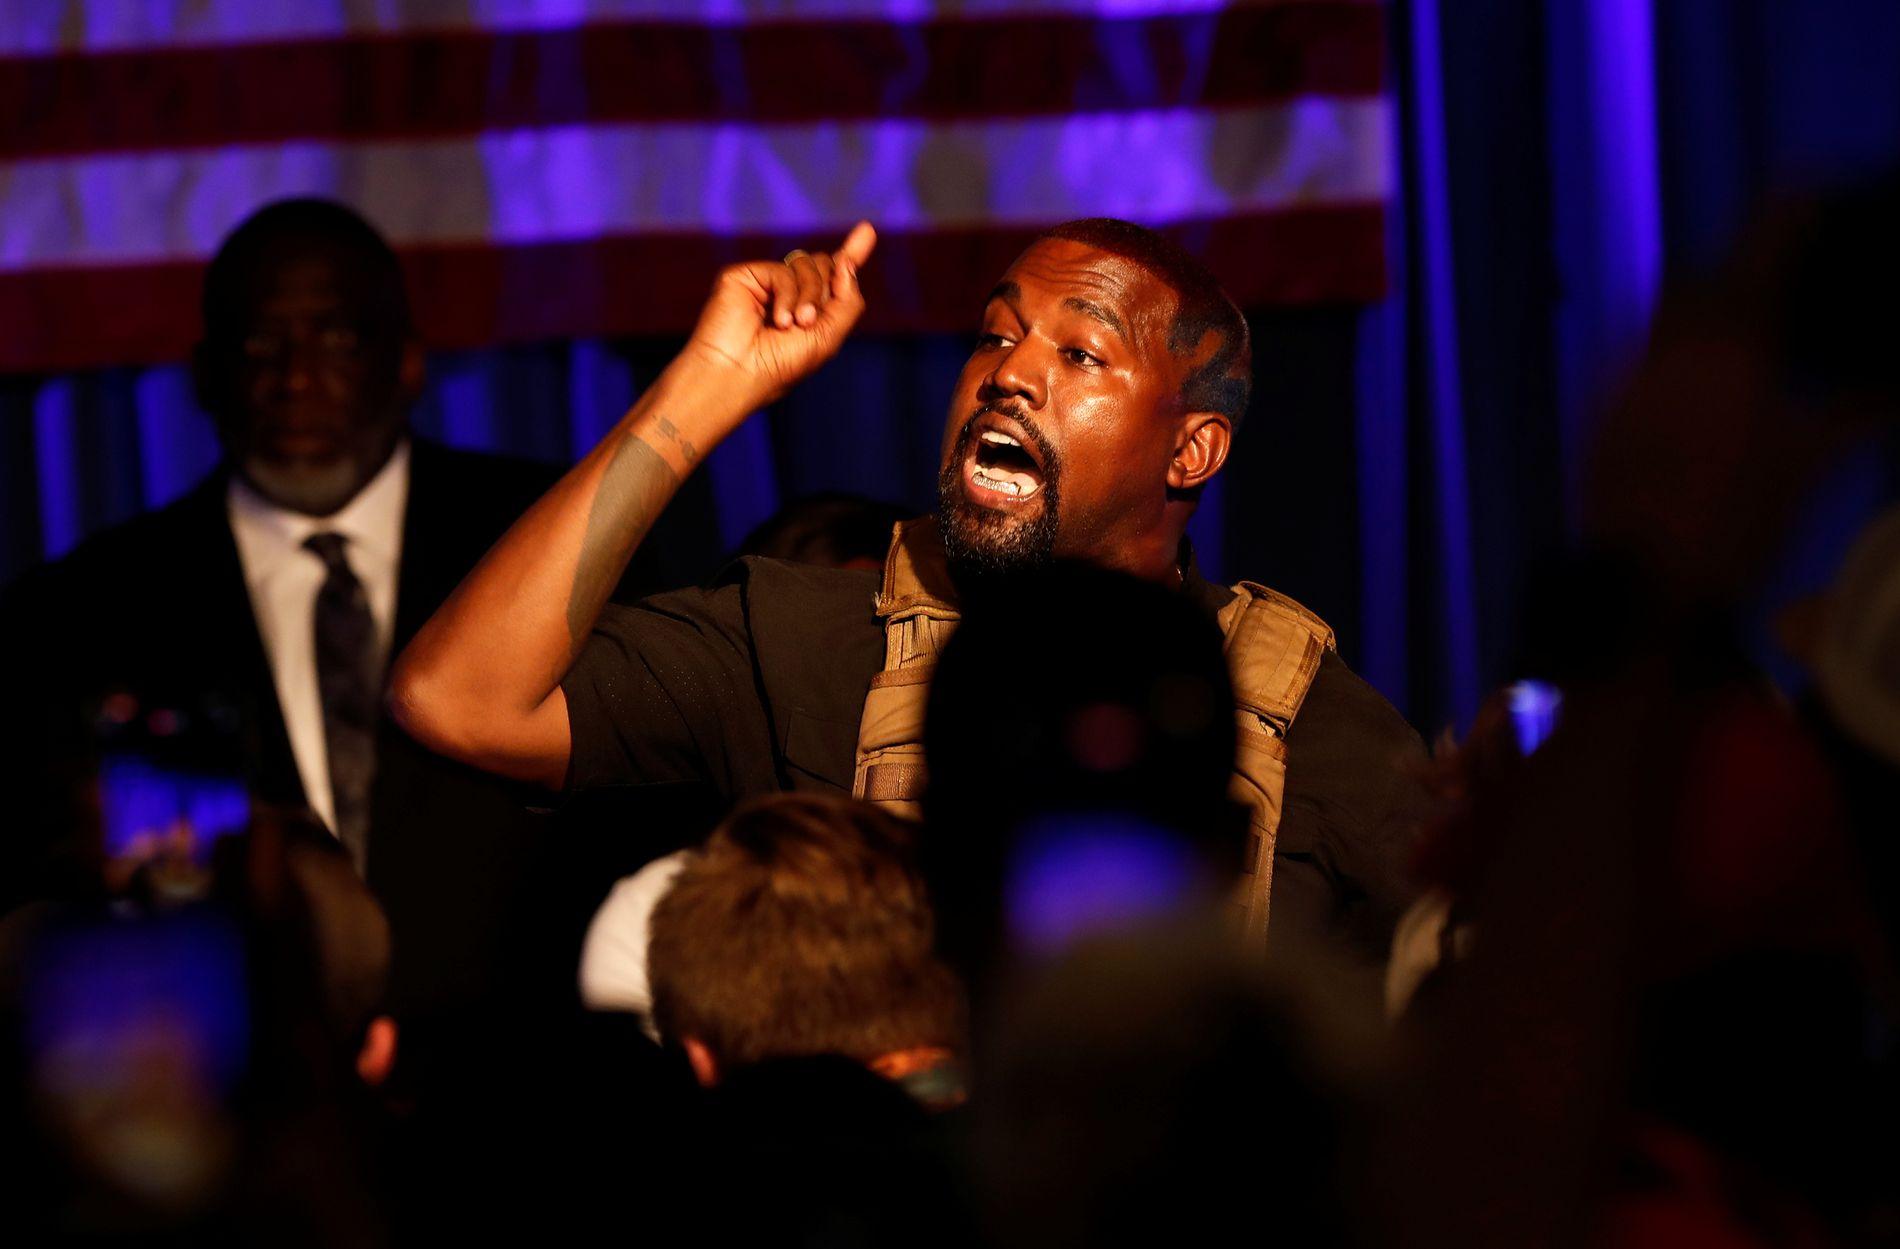 Kanye West med Twitter-utbrudd: – Dere prøvde låse meg inne – VG